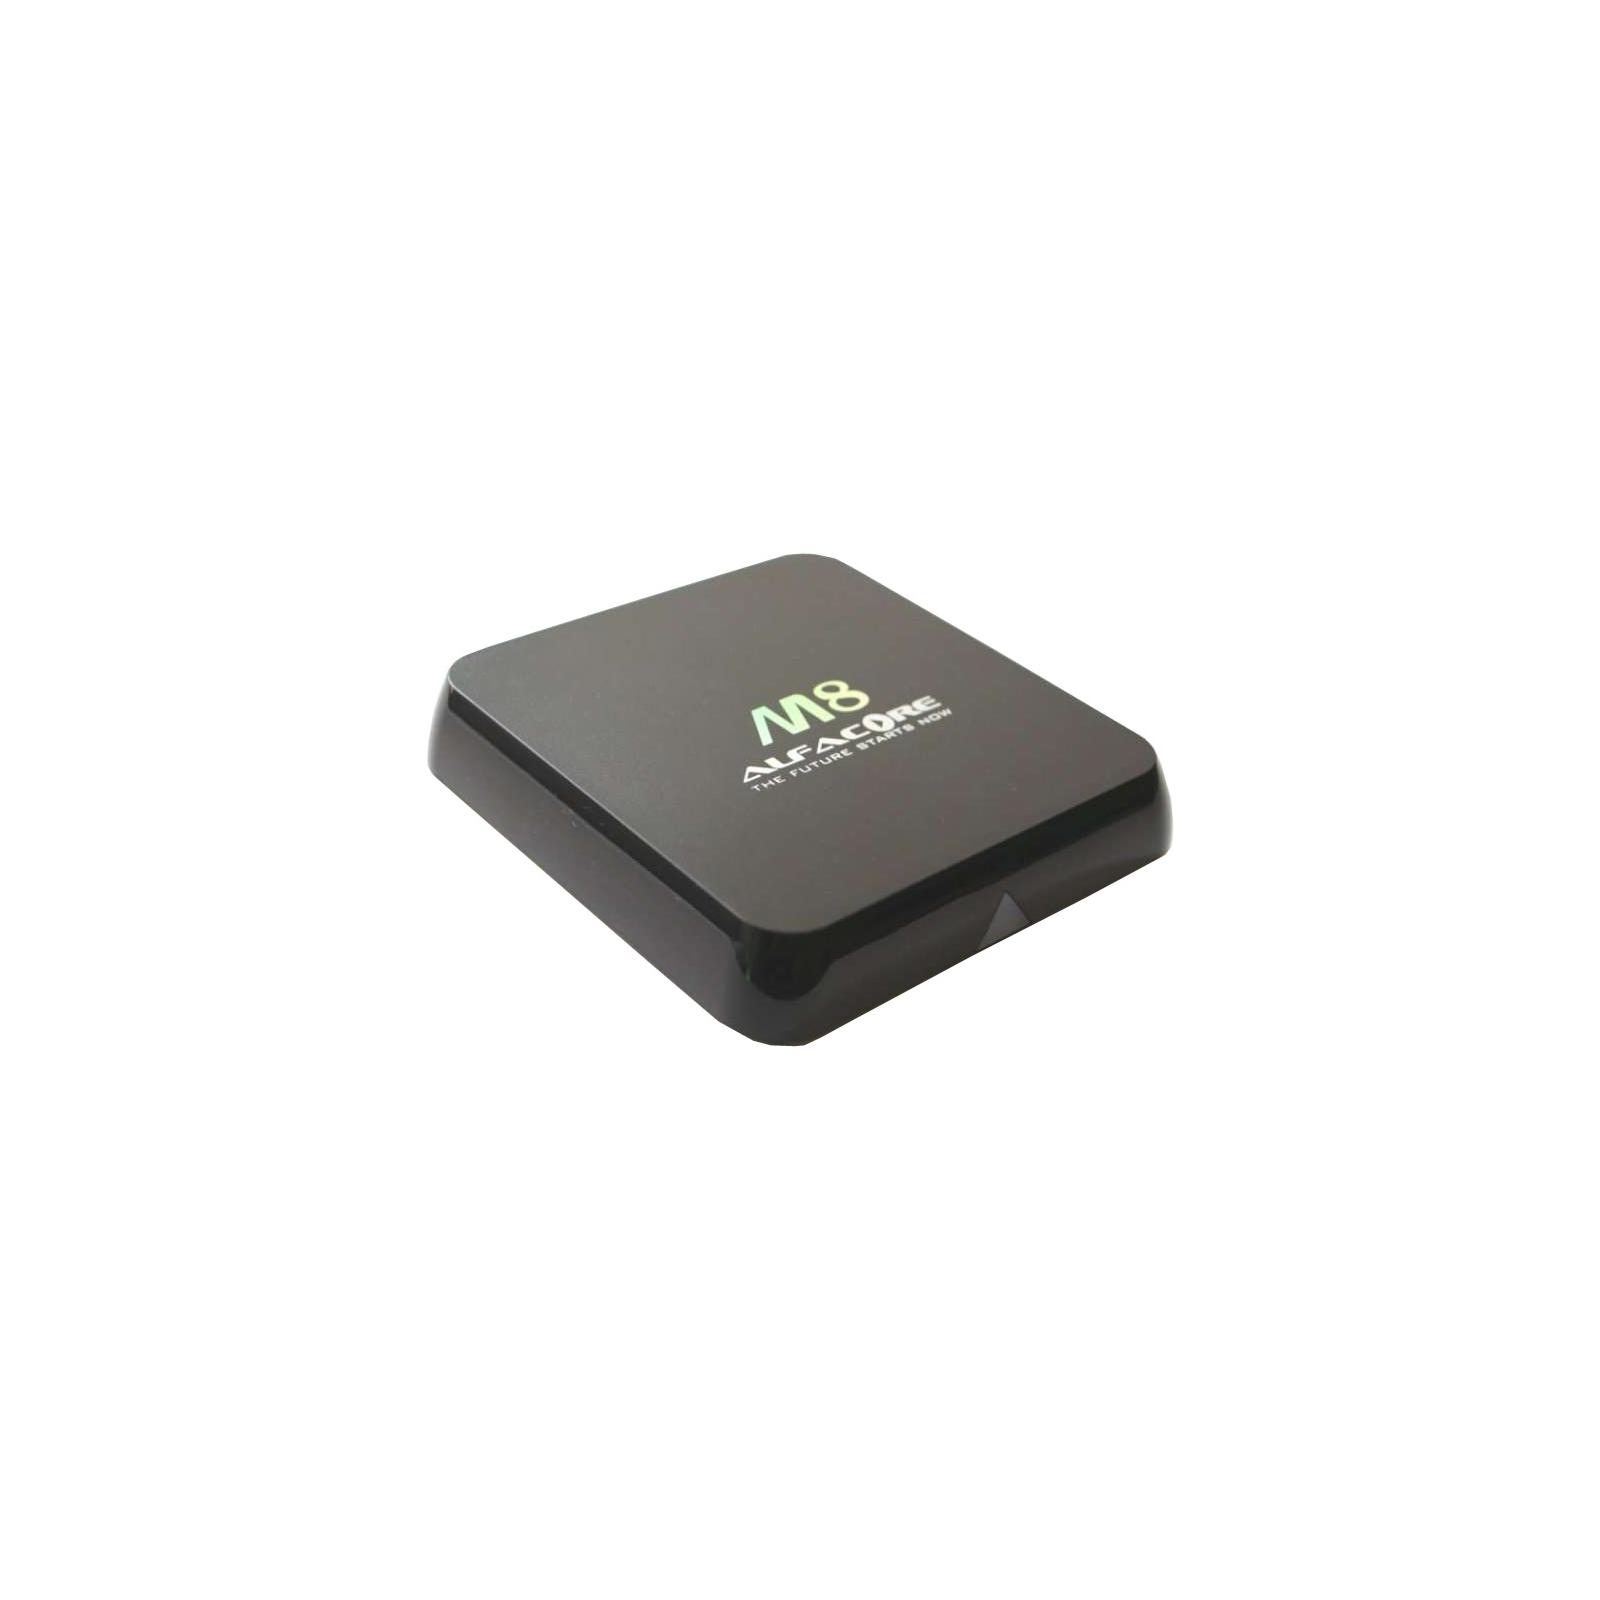 Медиаплеер Alfacore Smart TV M8 изображение 3